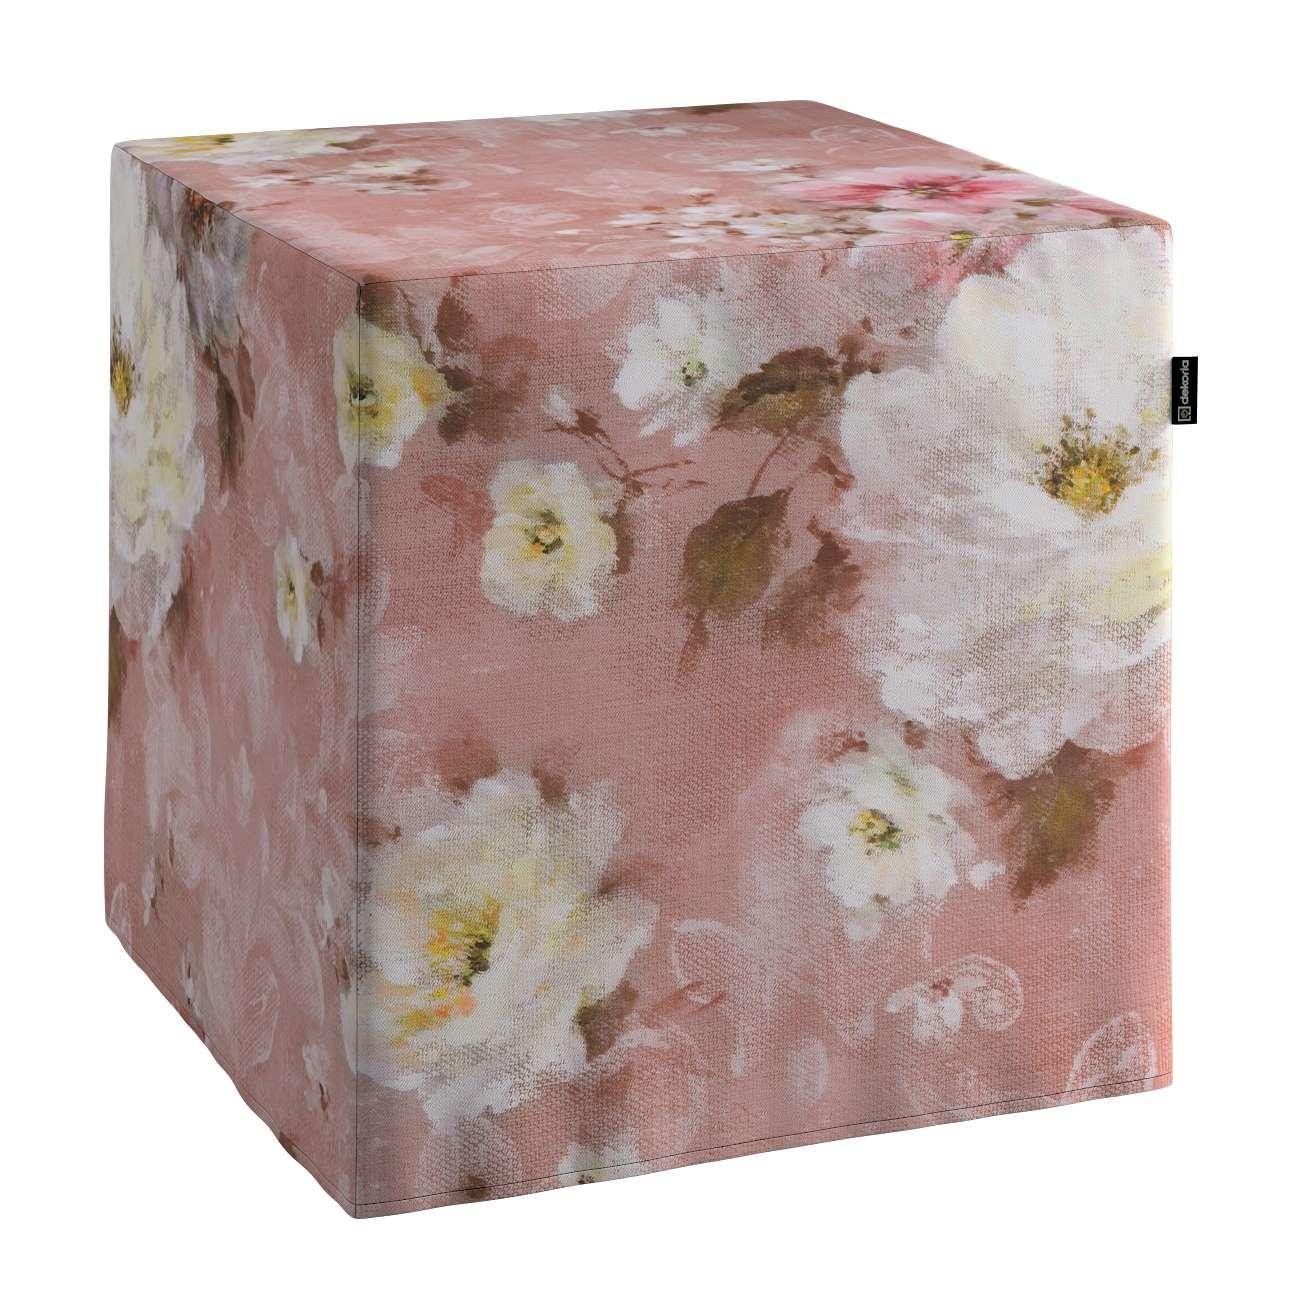 Taburetka tvrdá, kocka V kolekcii Monet, tkanina: 137-83